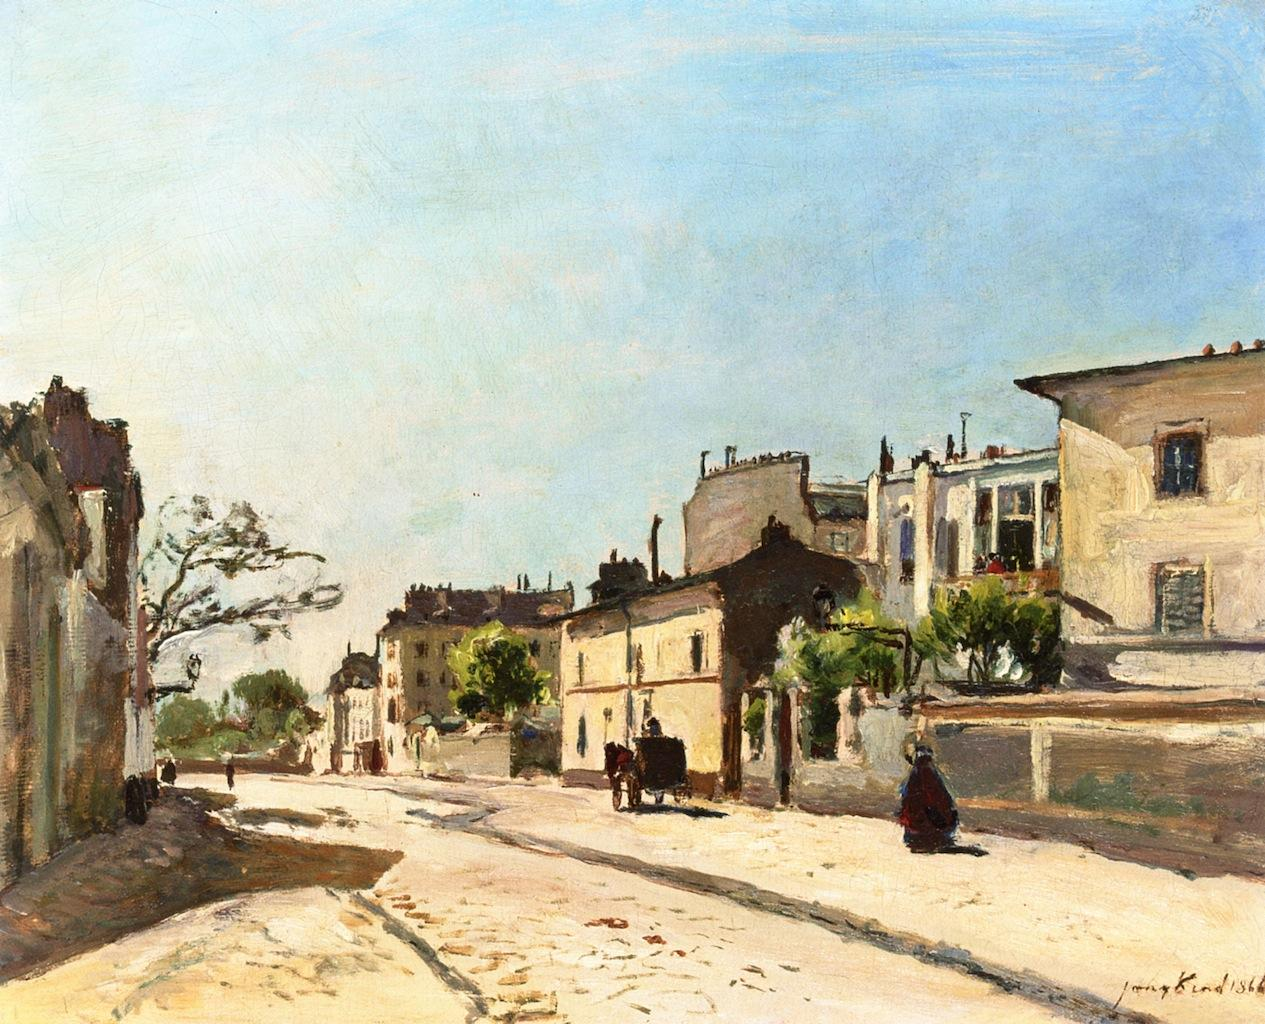 Rue Notre Dame, Paris